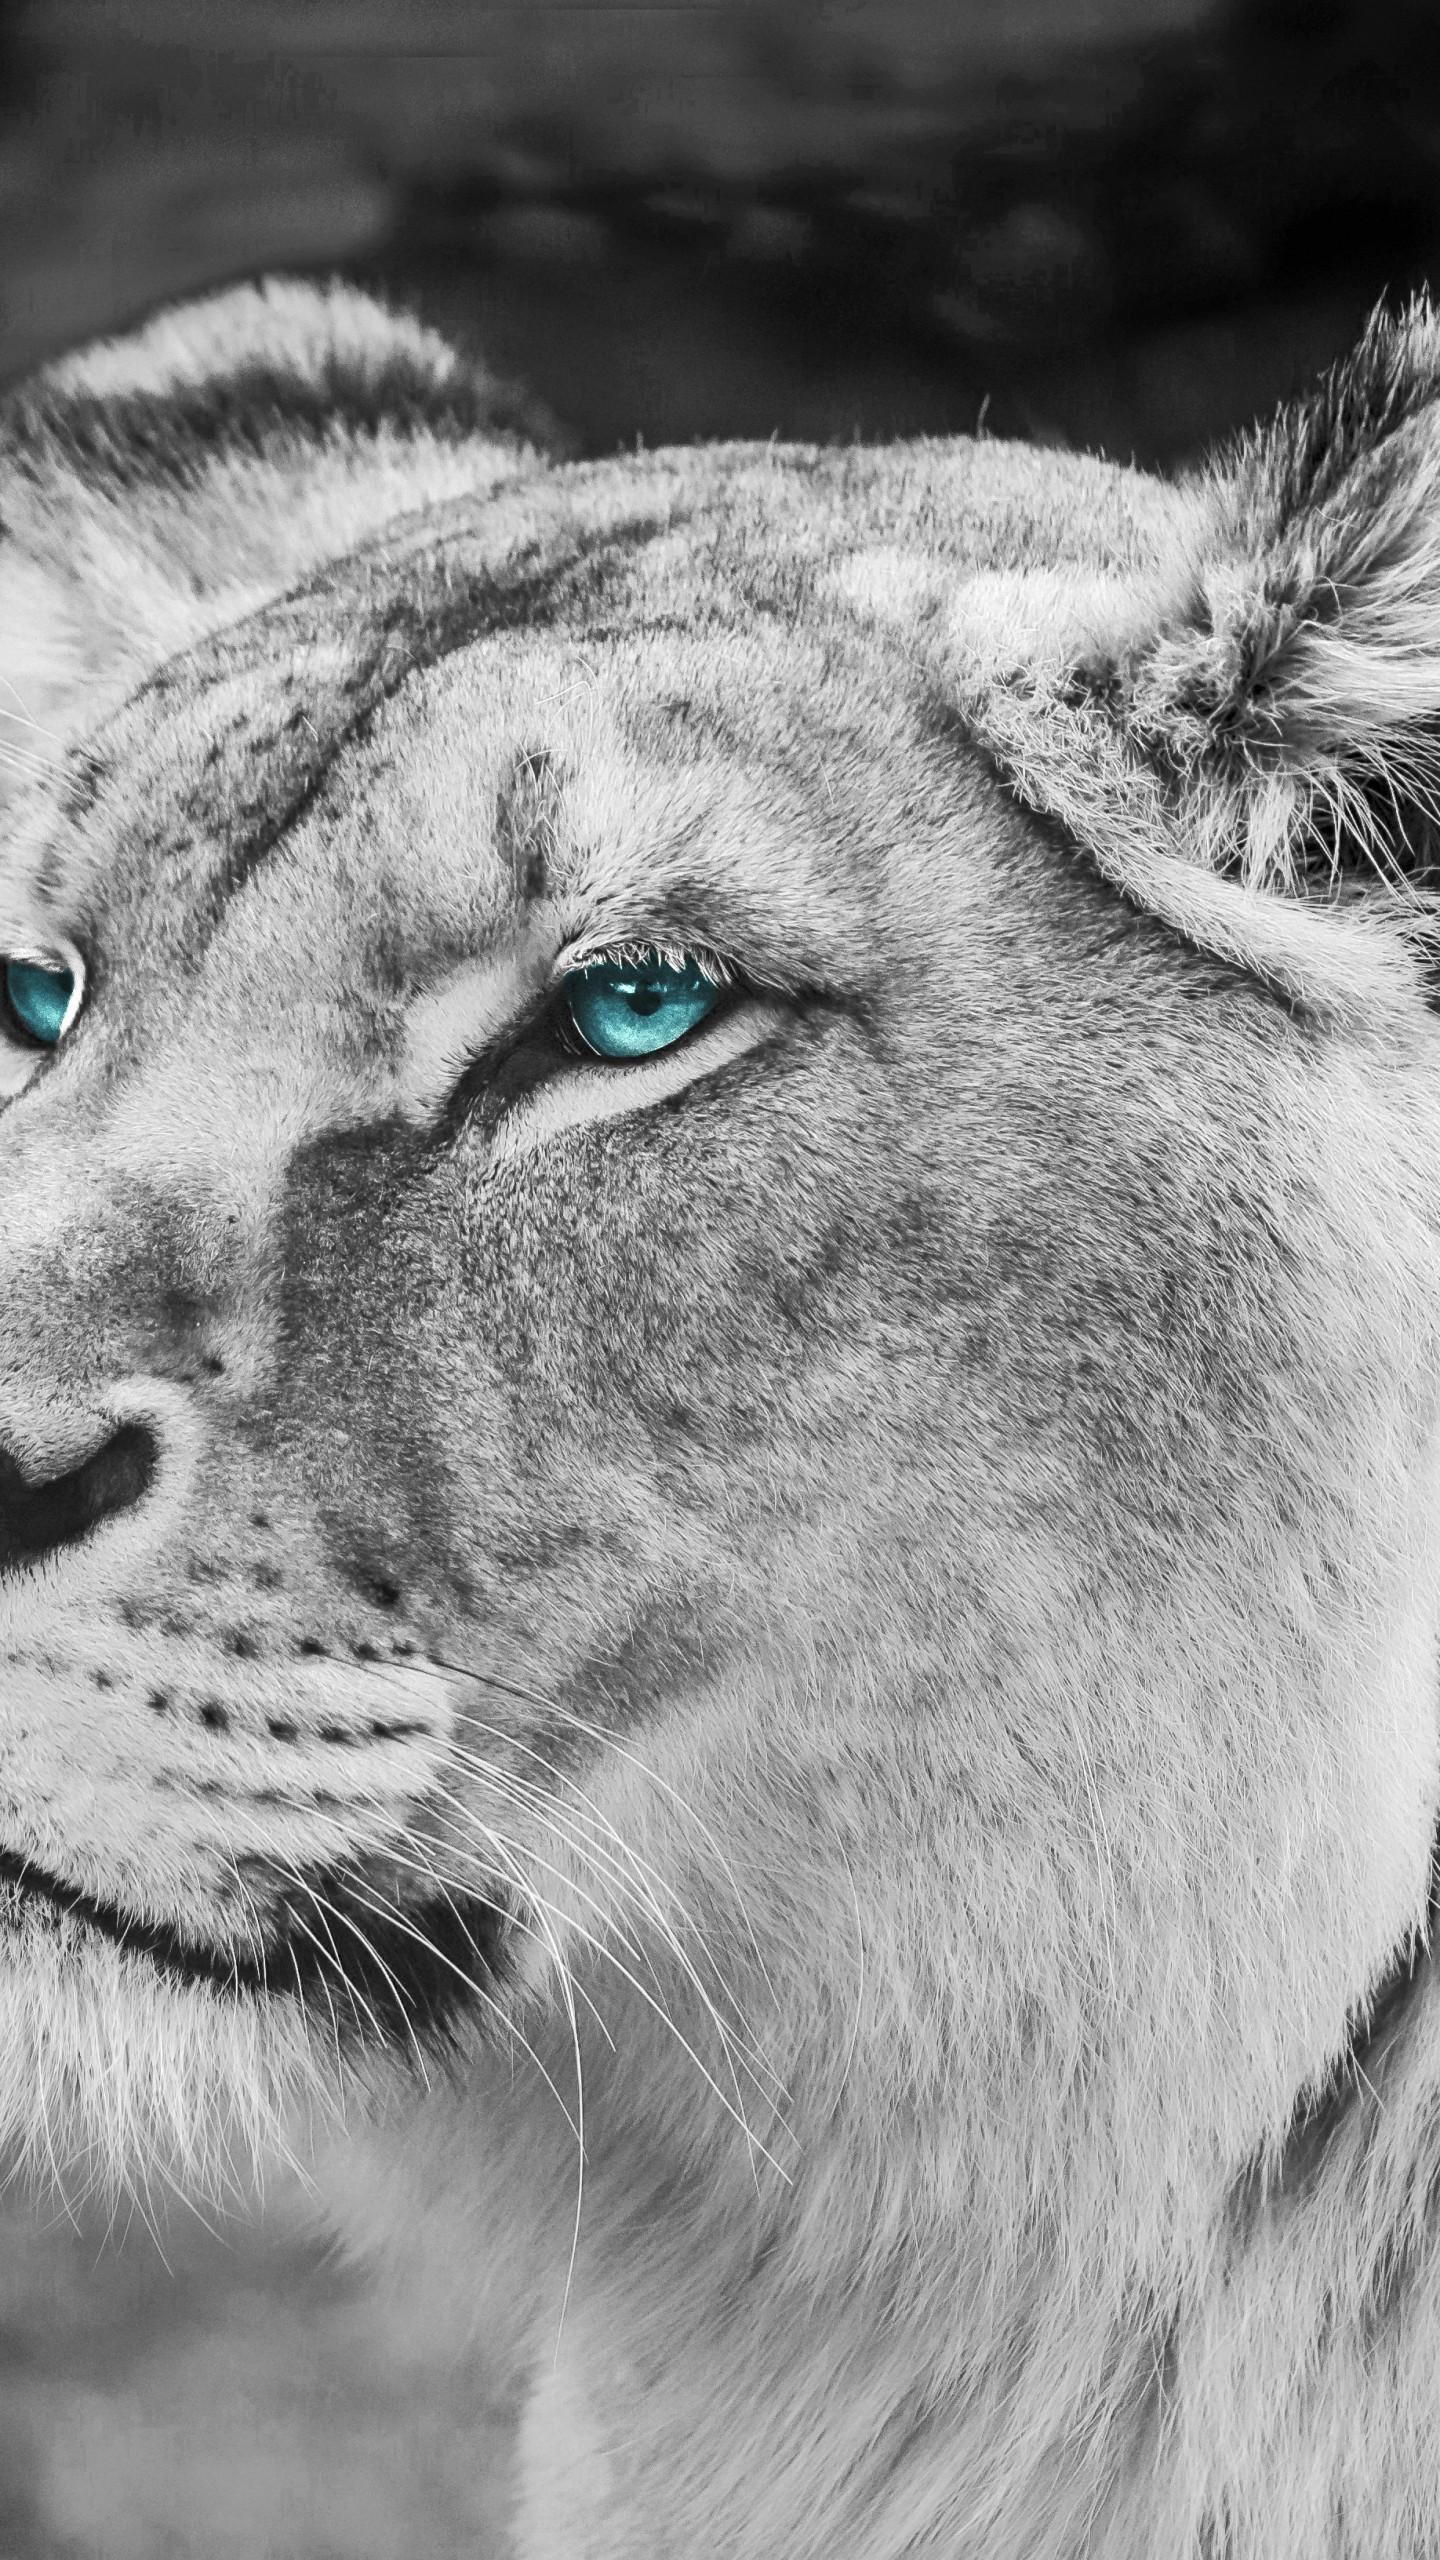 عکس زمینه صورت شیر نر با چشمان آبی پس زمینه